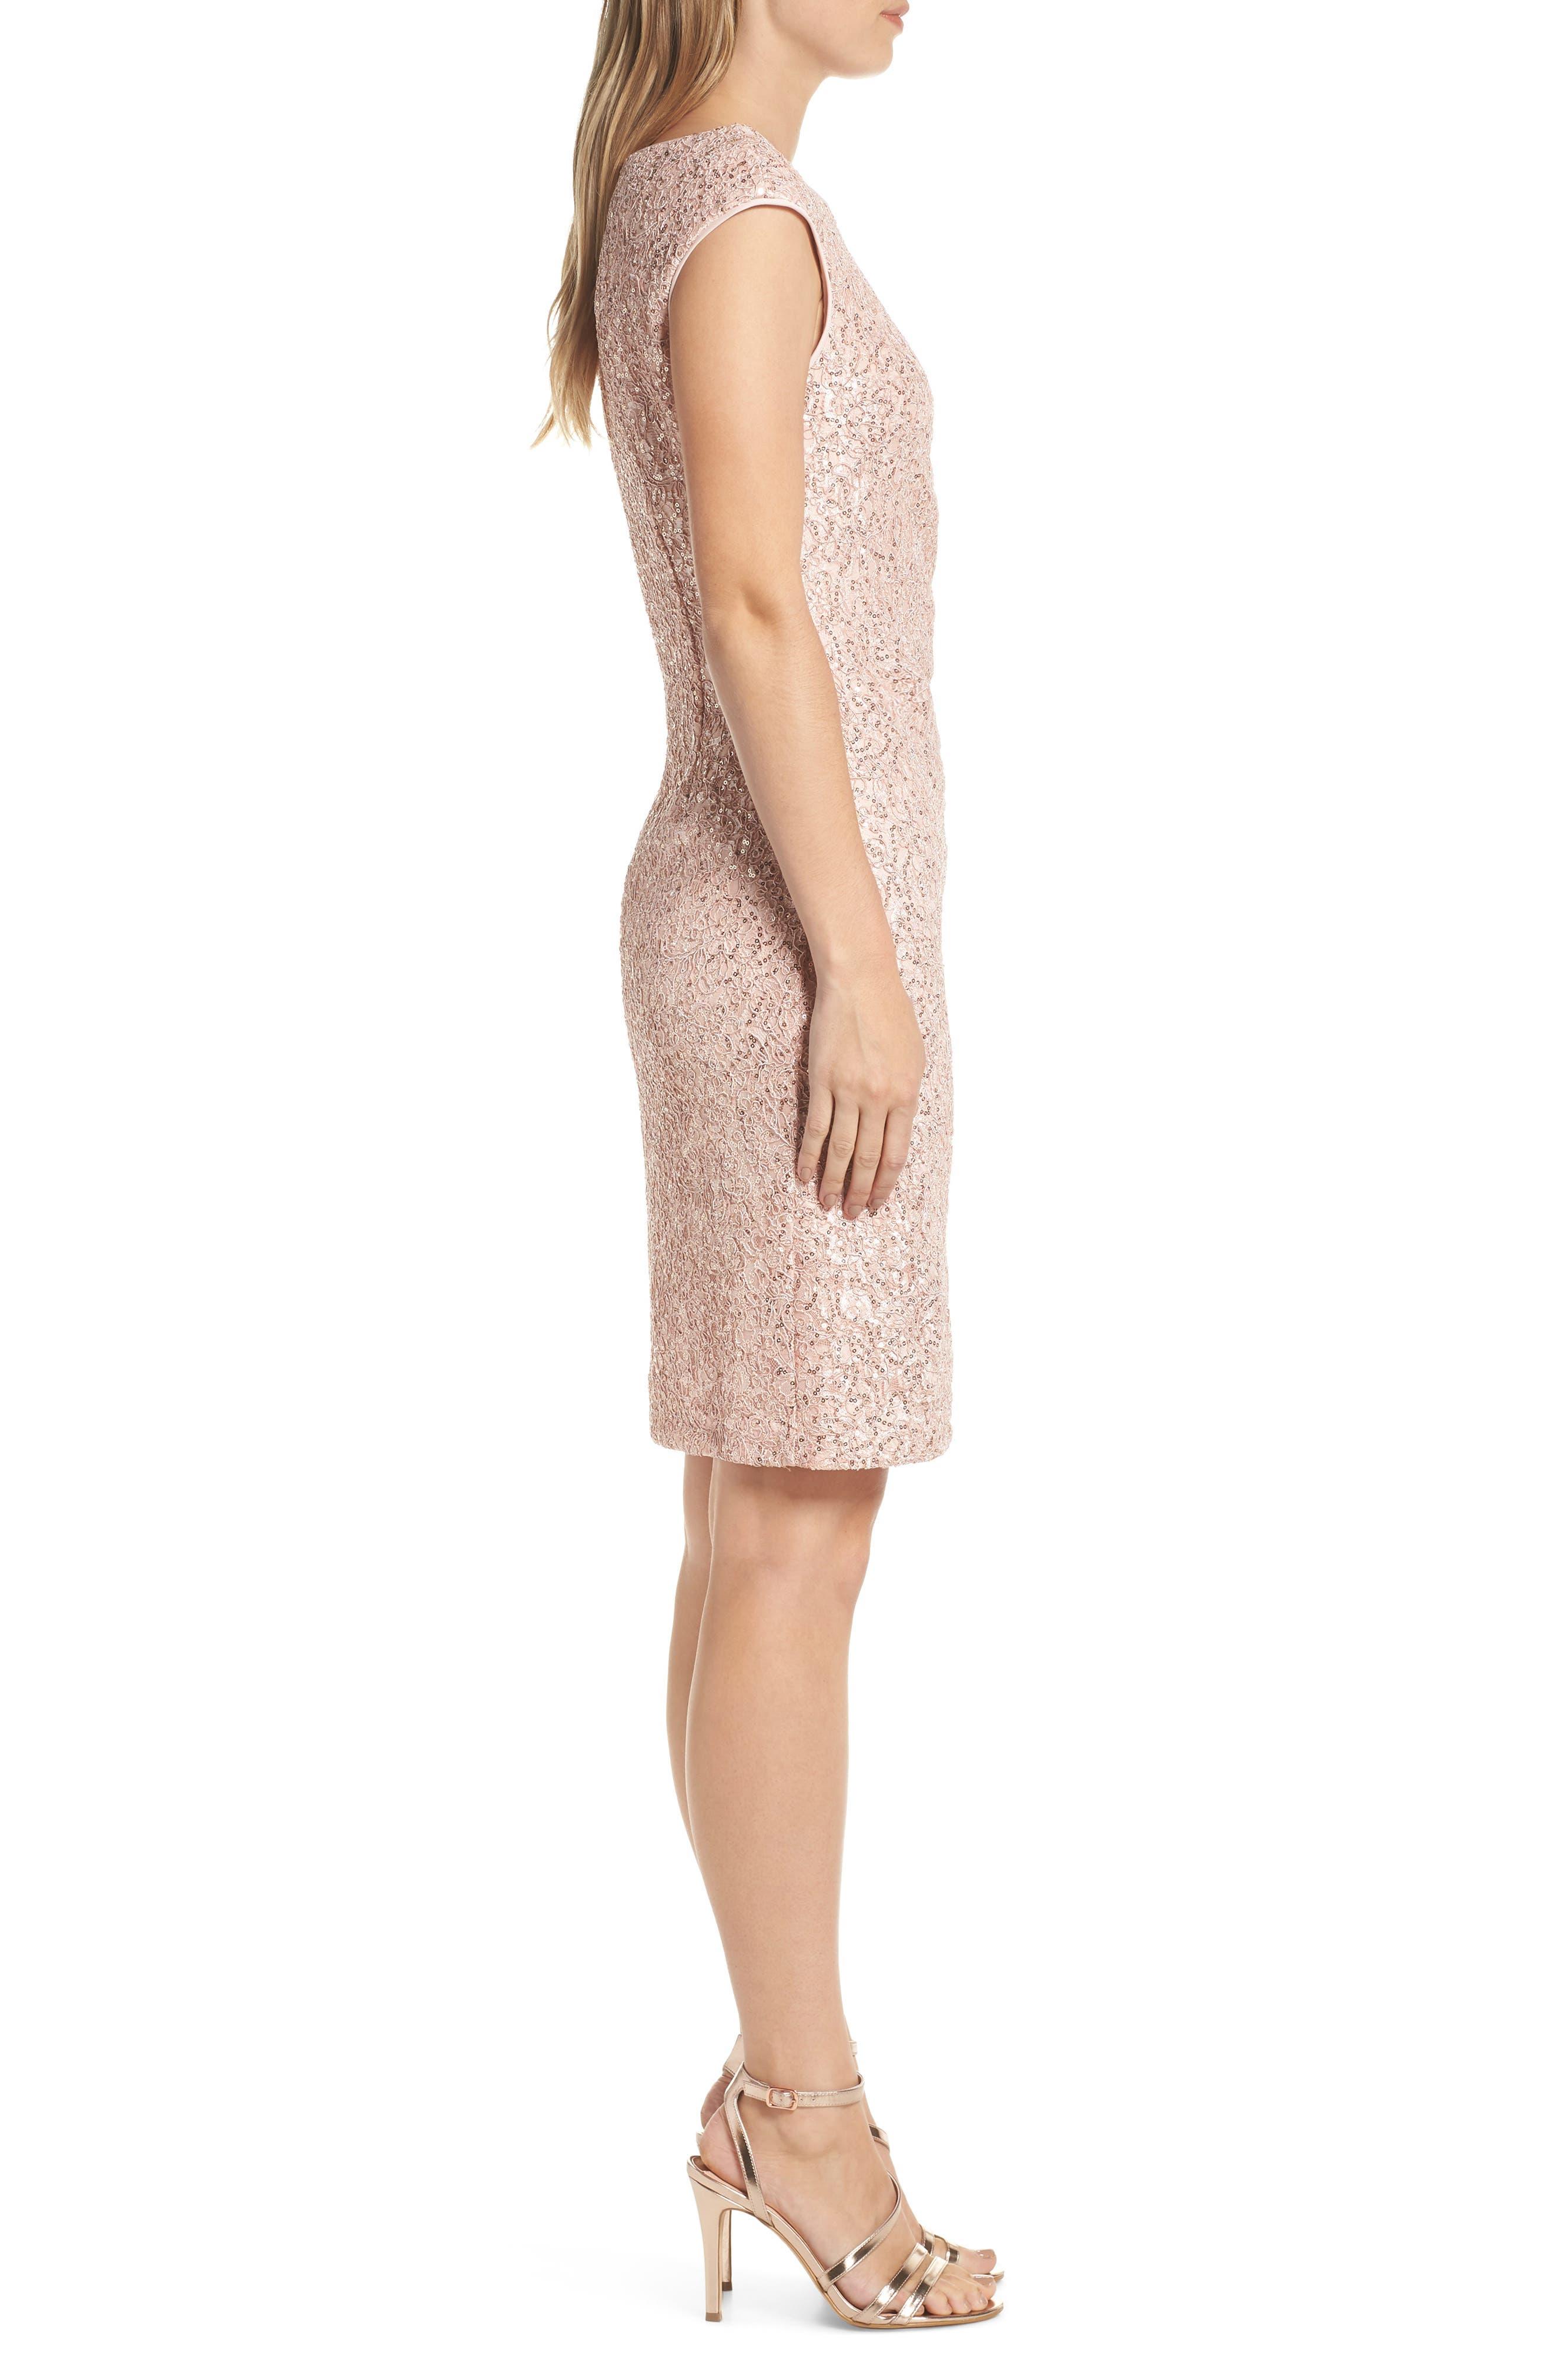 VINCE CAMUTO, Sequin Lace Sheath Dress, Alternate thumbnail 4, color, 684